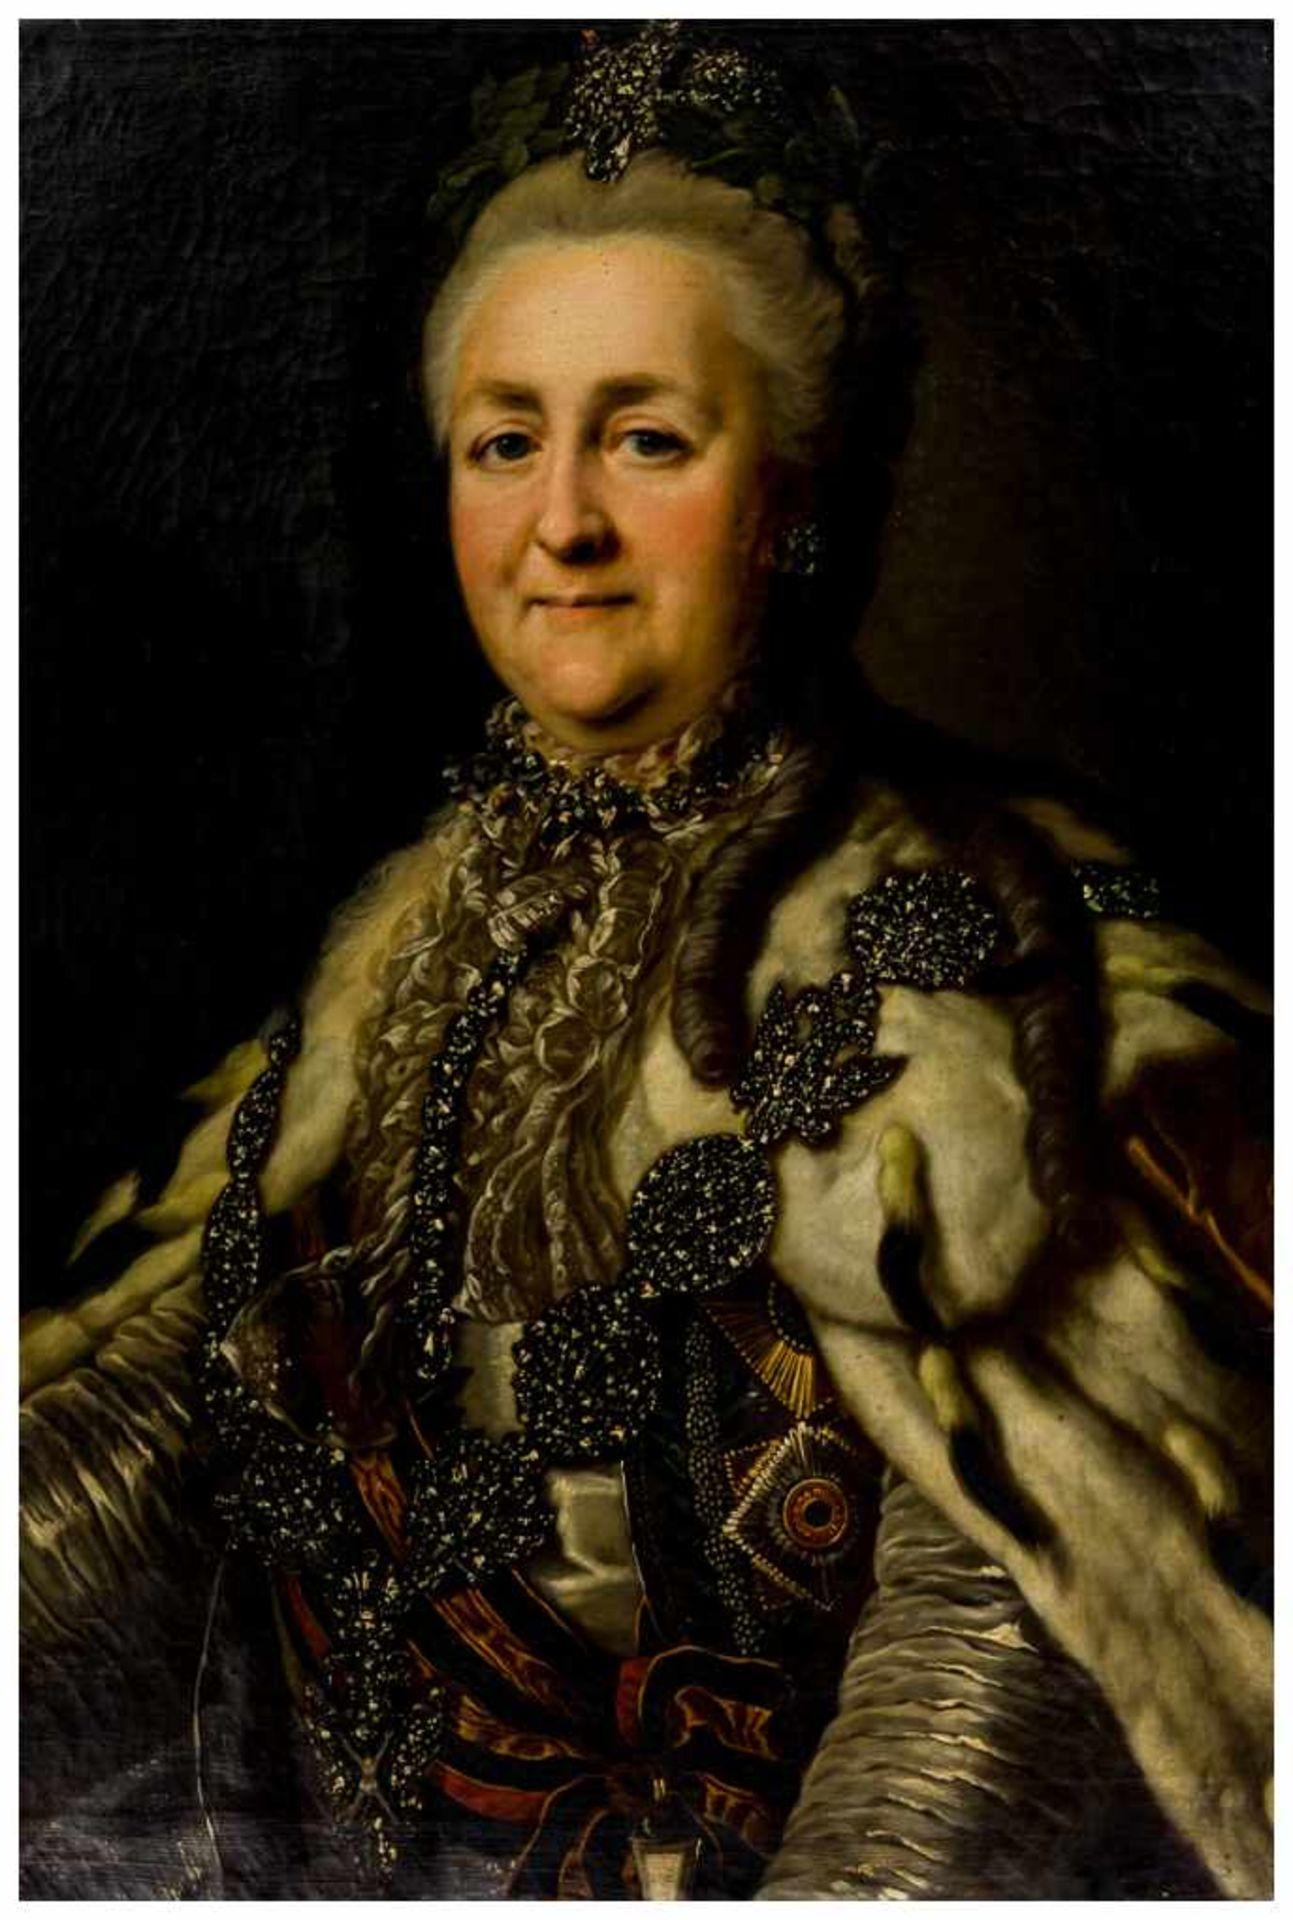 Los 55 - Katharina II, Zarin von Russland Öl auf Leinwand, doubliert, um 1776 Umkreis Alexander Roslin (